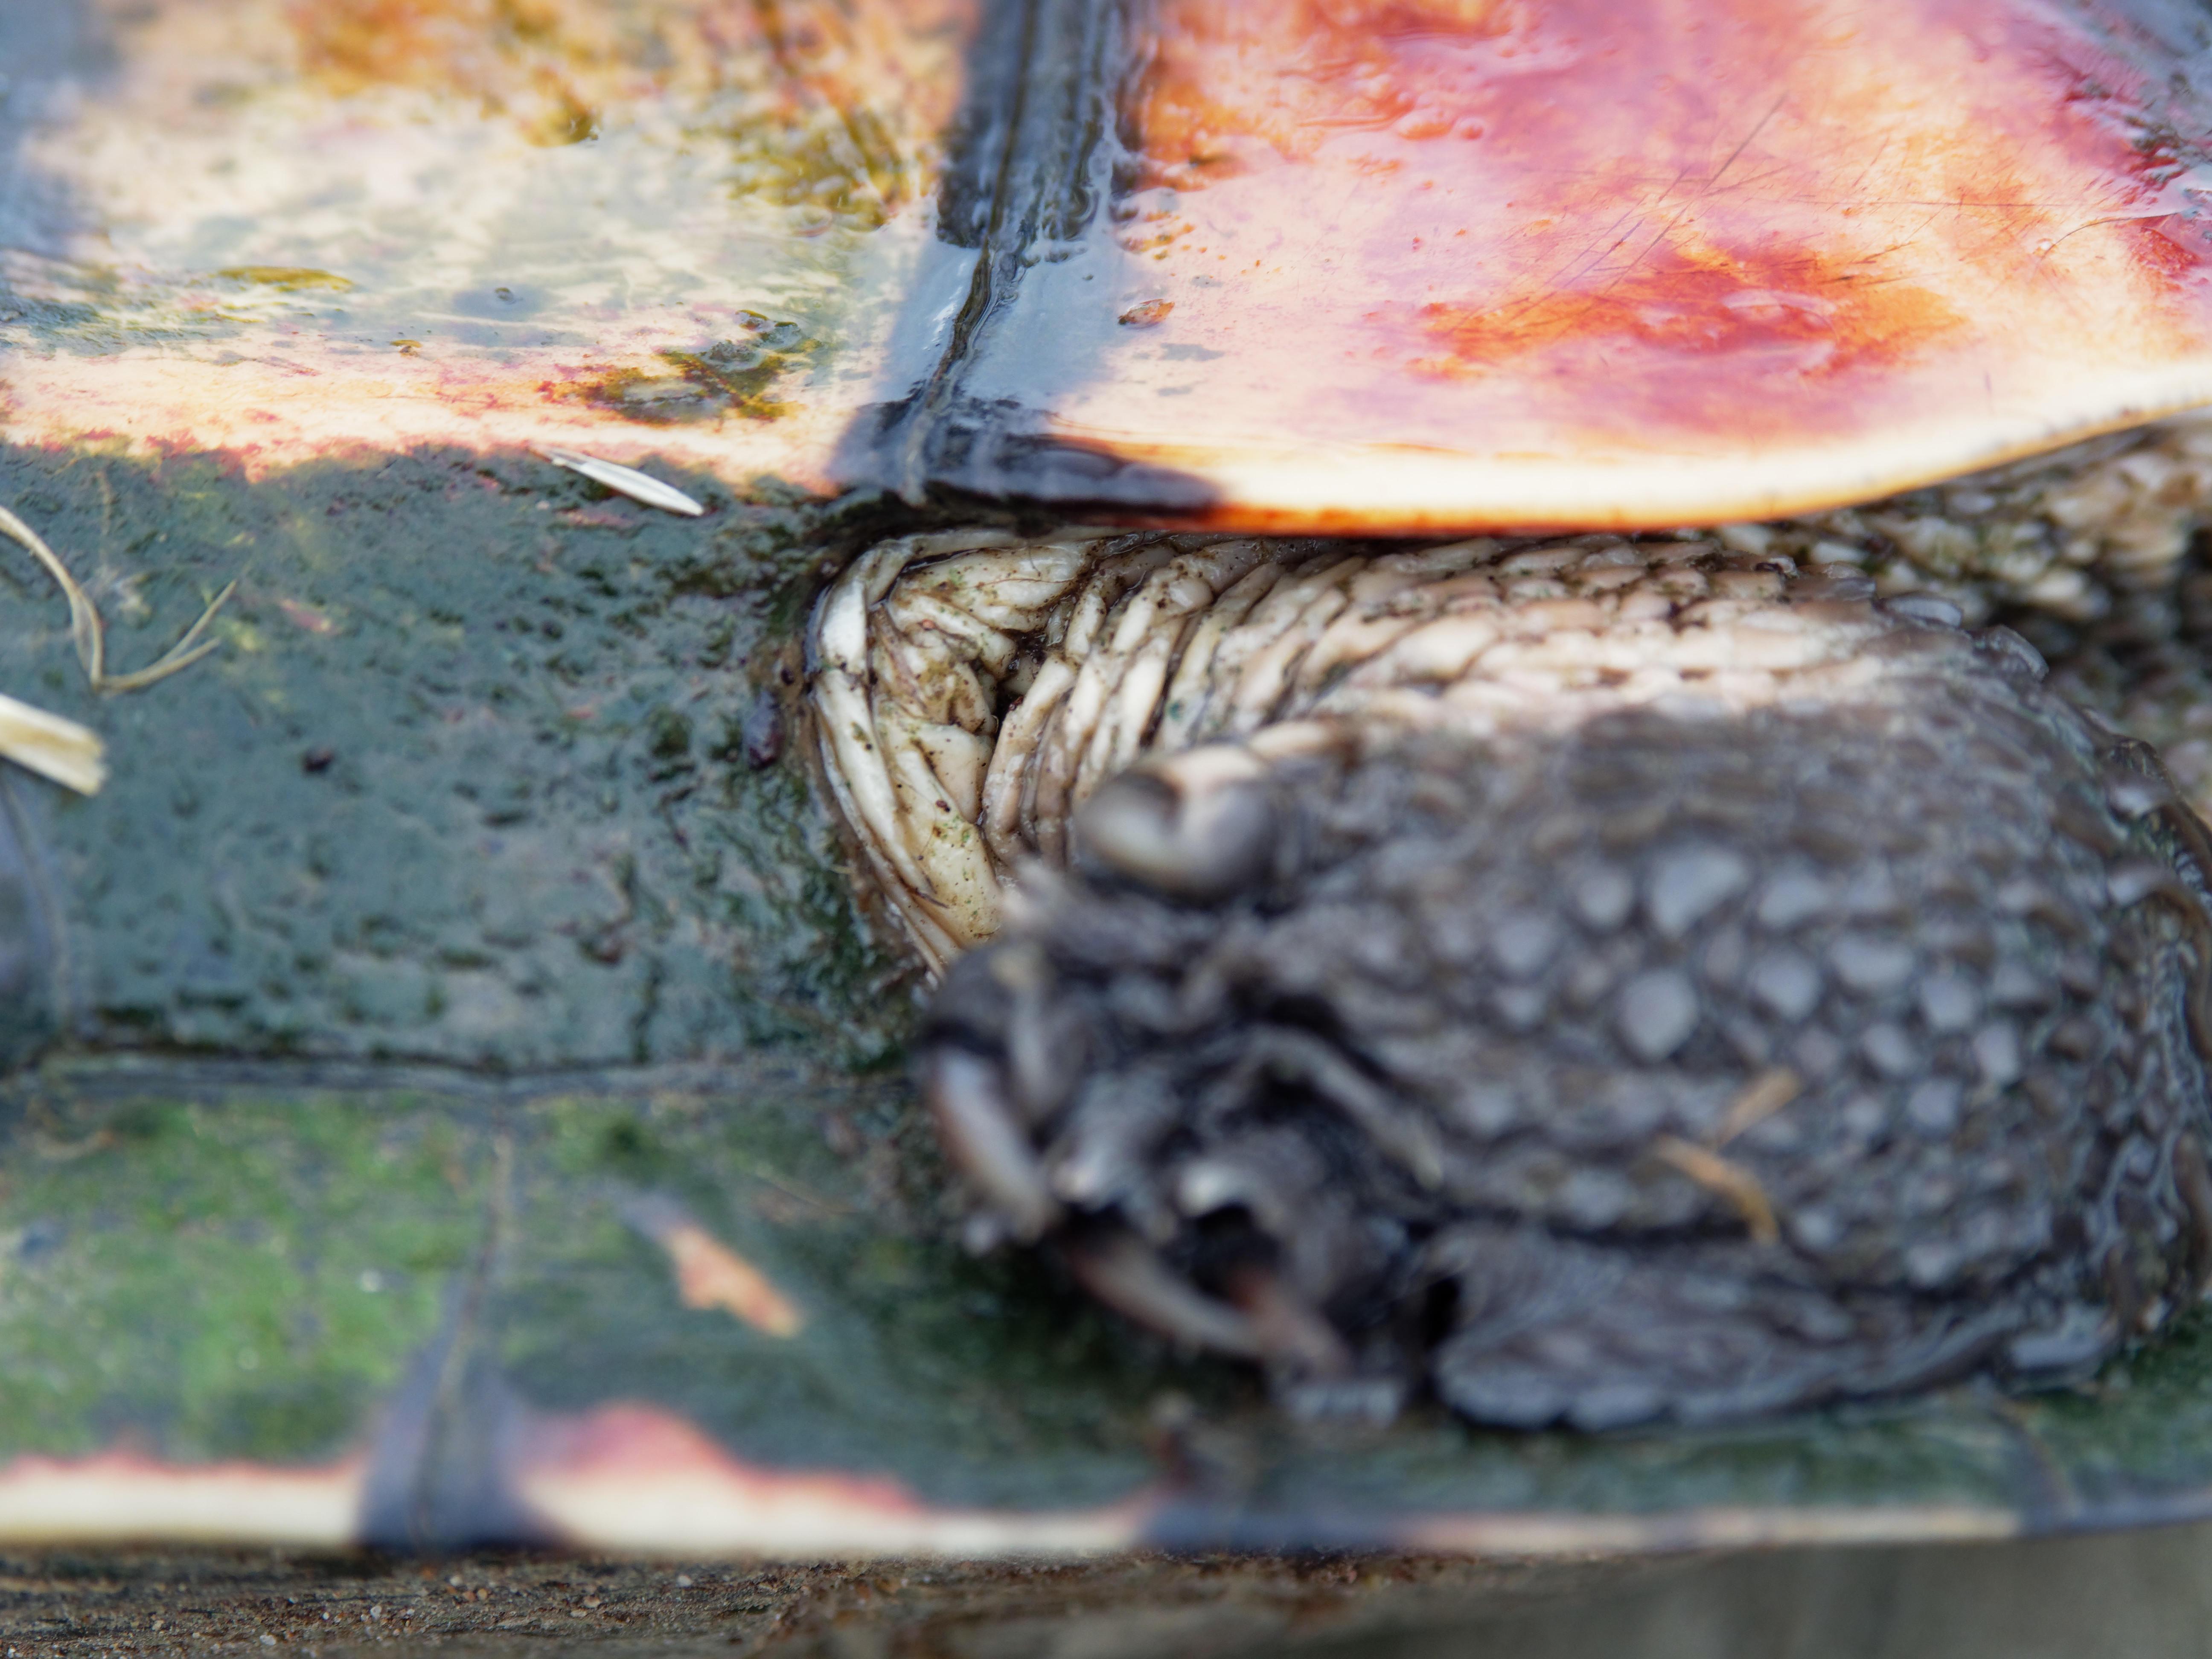 Tortoise-13.jpeg